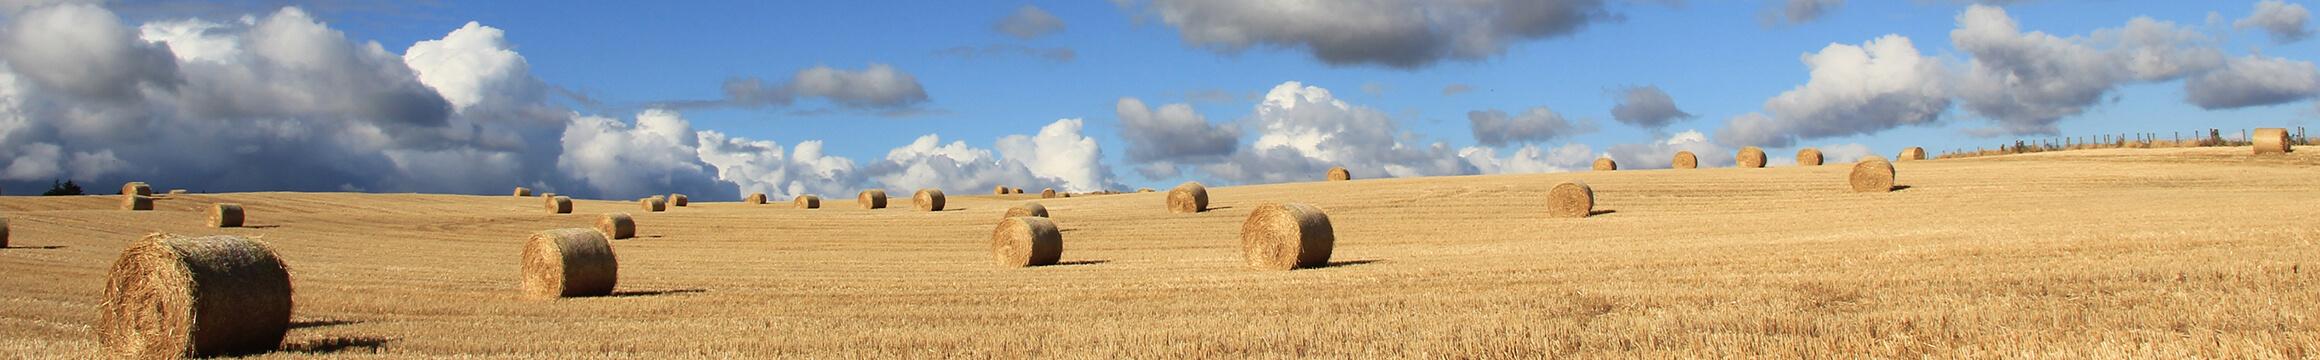 Rural 02